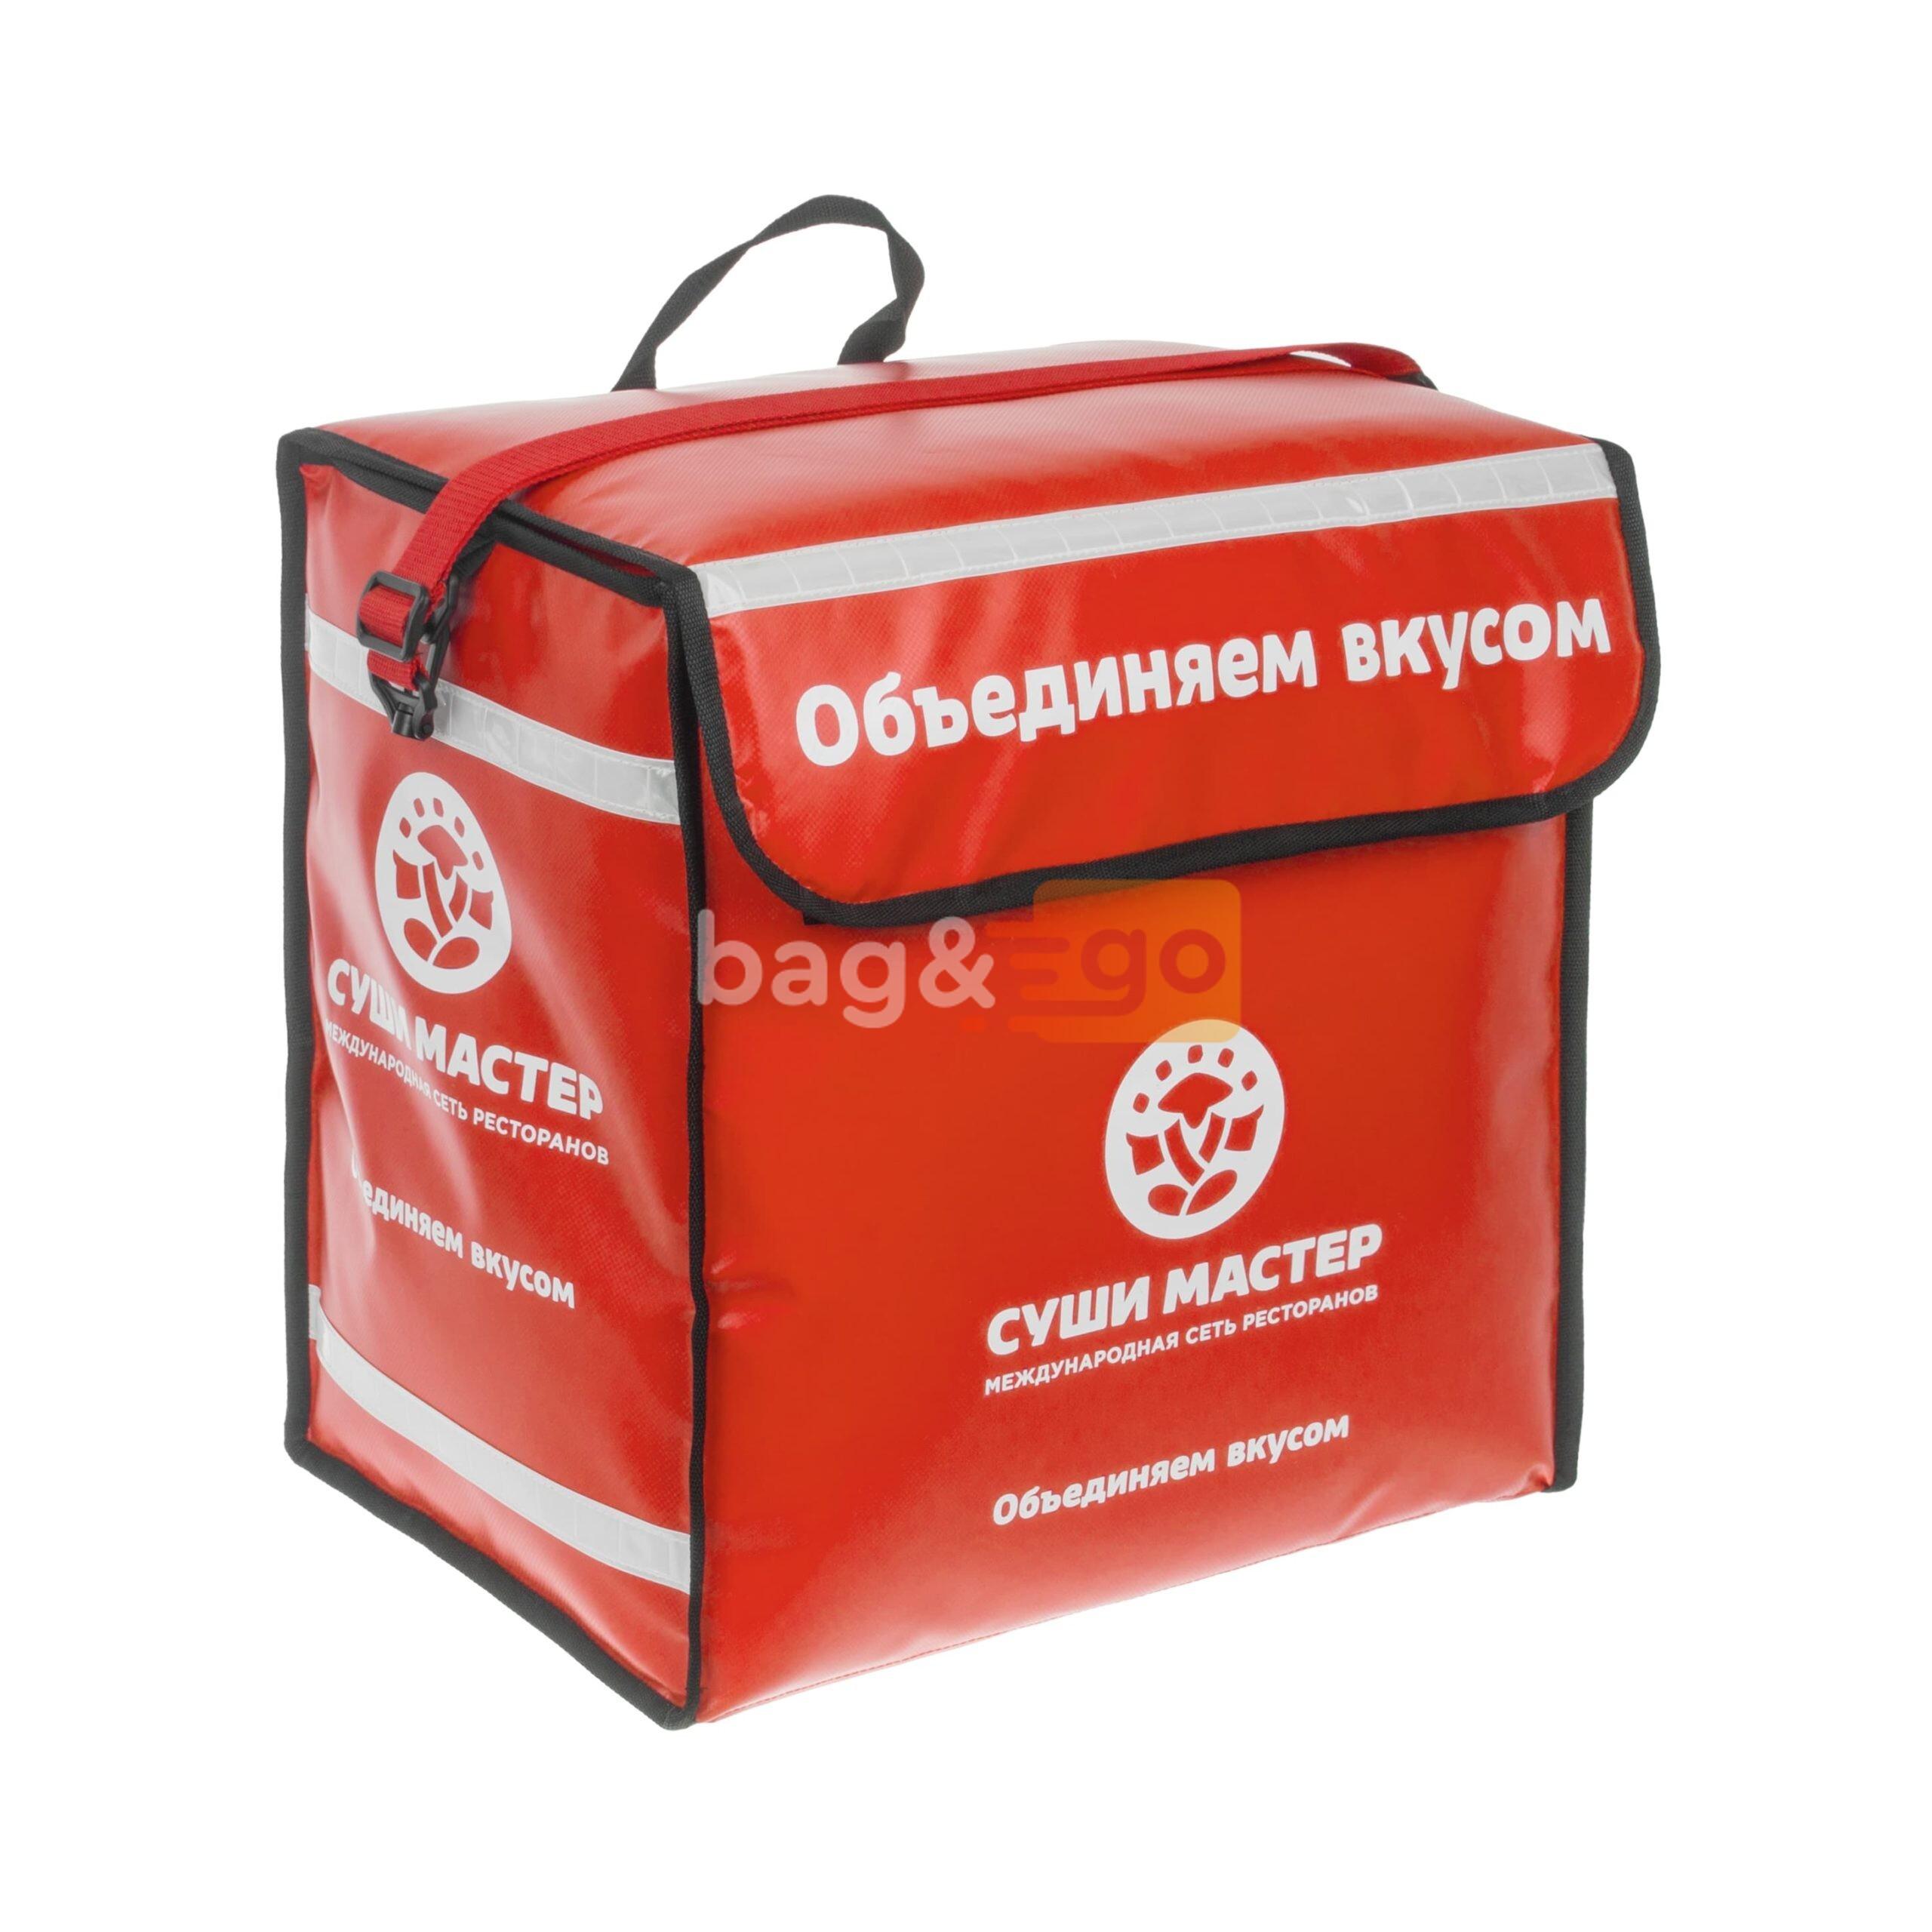 Терморюкзак для доставки еды